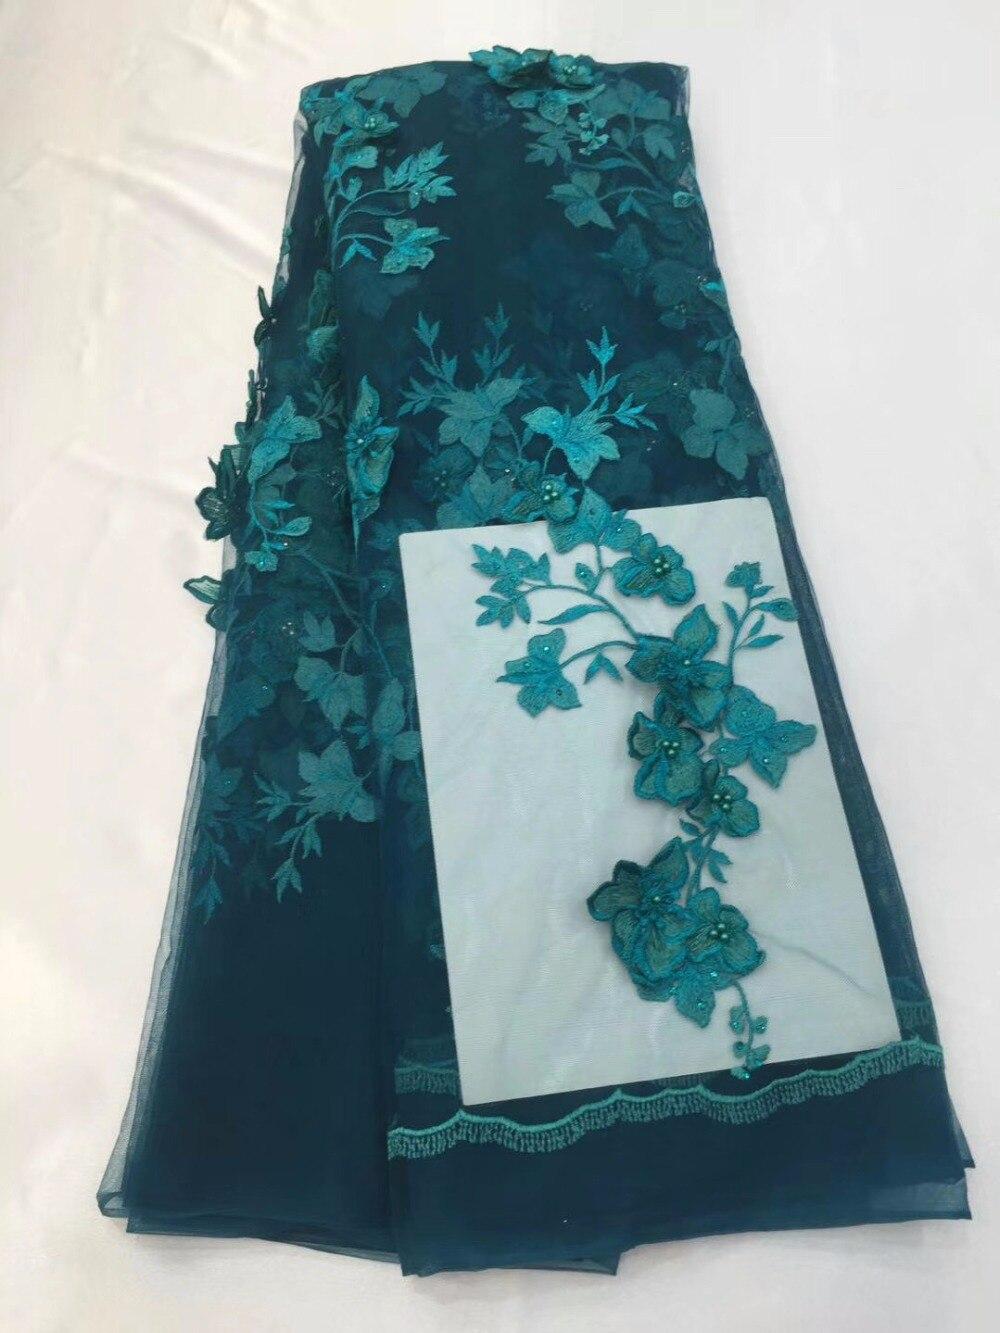 Dentelle de tulle brodée lourde de haute qualité de 5 yards avec des fleurs 3D vertes, tissu de tulle brodé perlé de dernière conception avec fleur